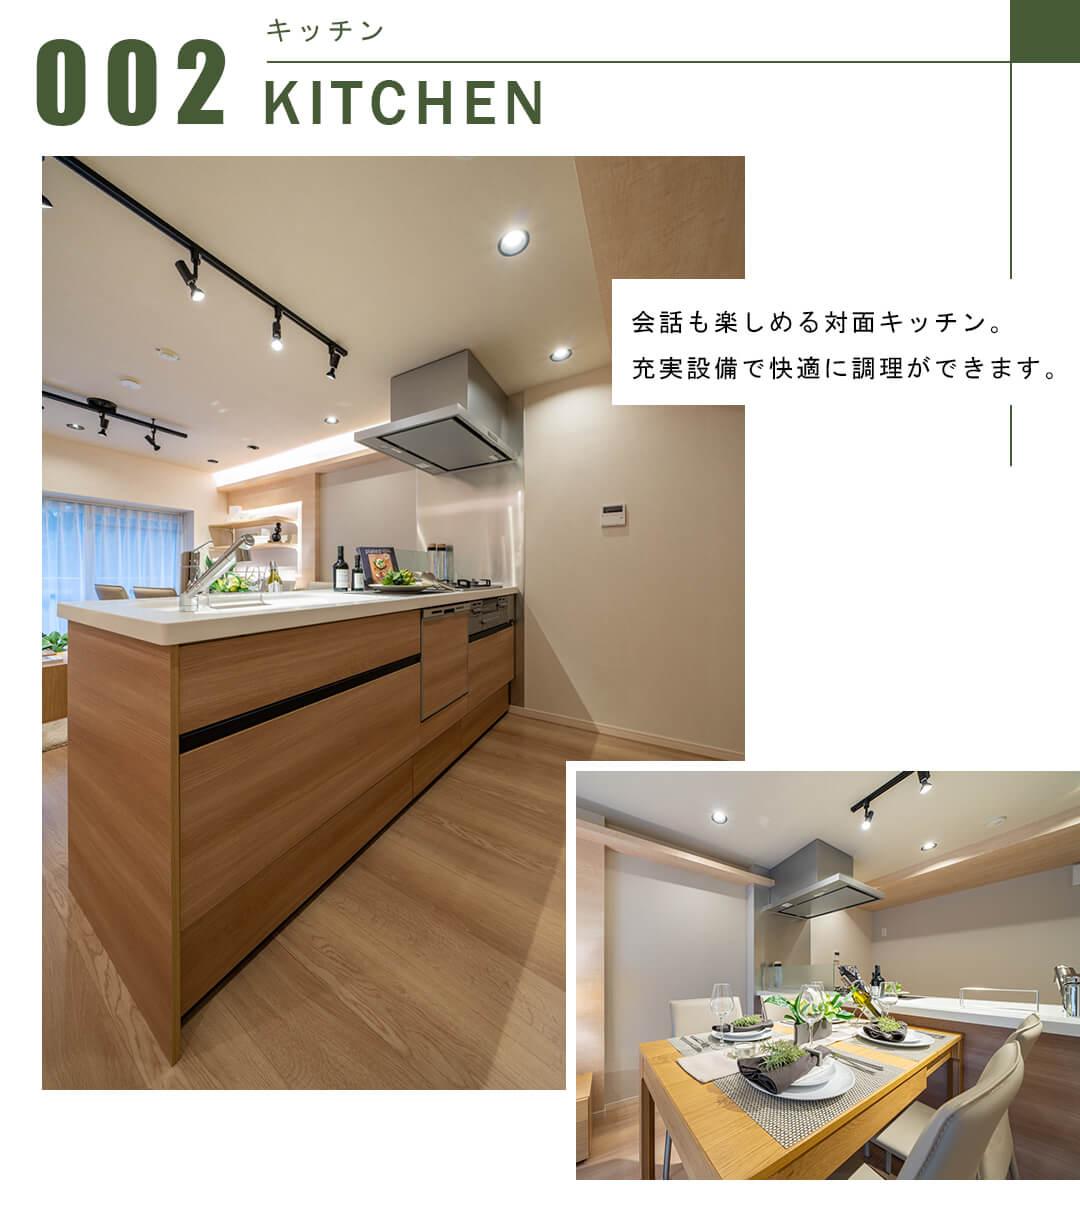 井の頭パークサイドマンションのキッチン